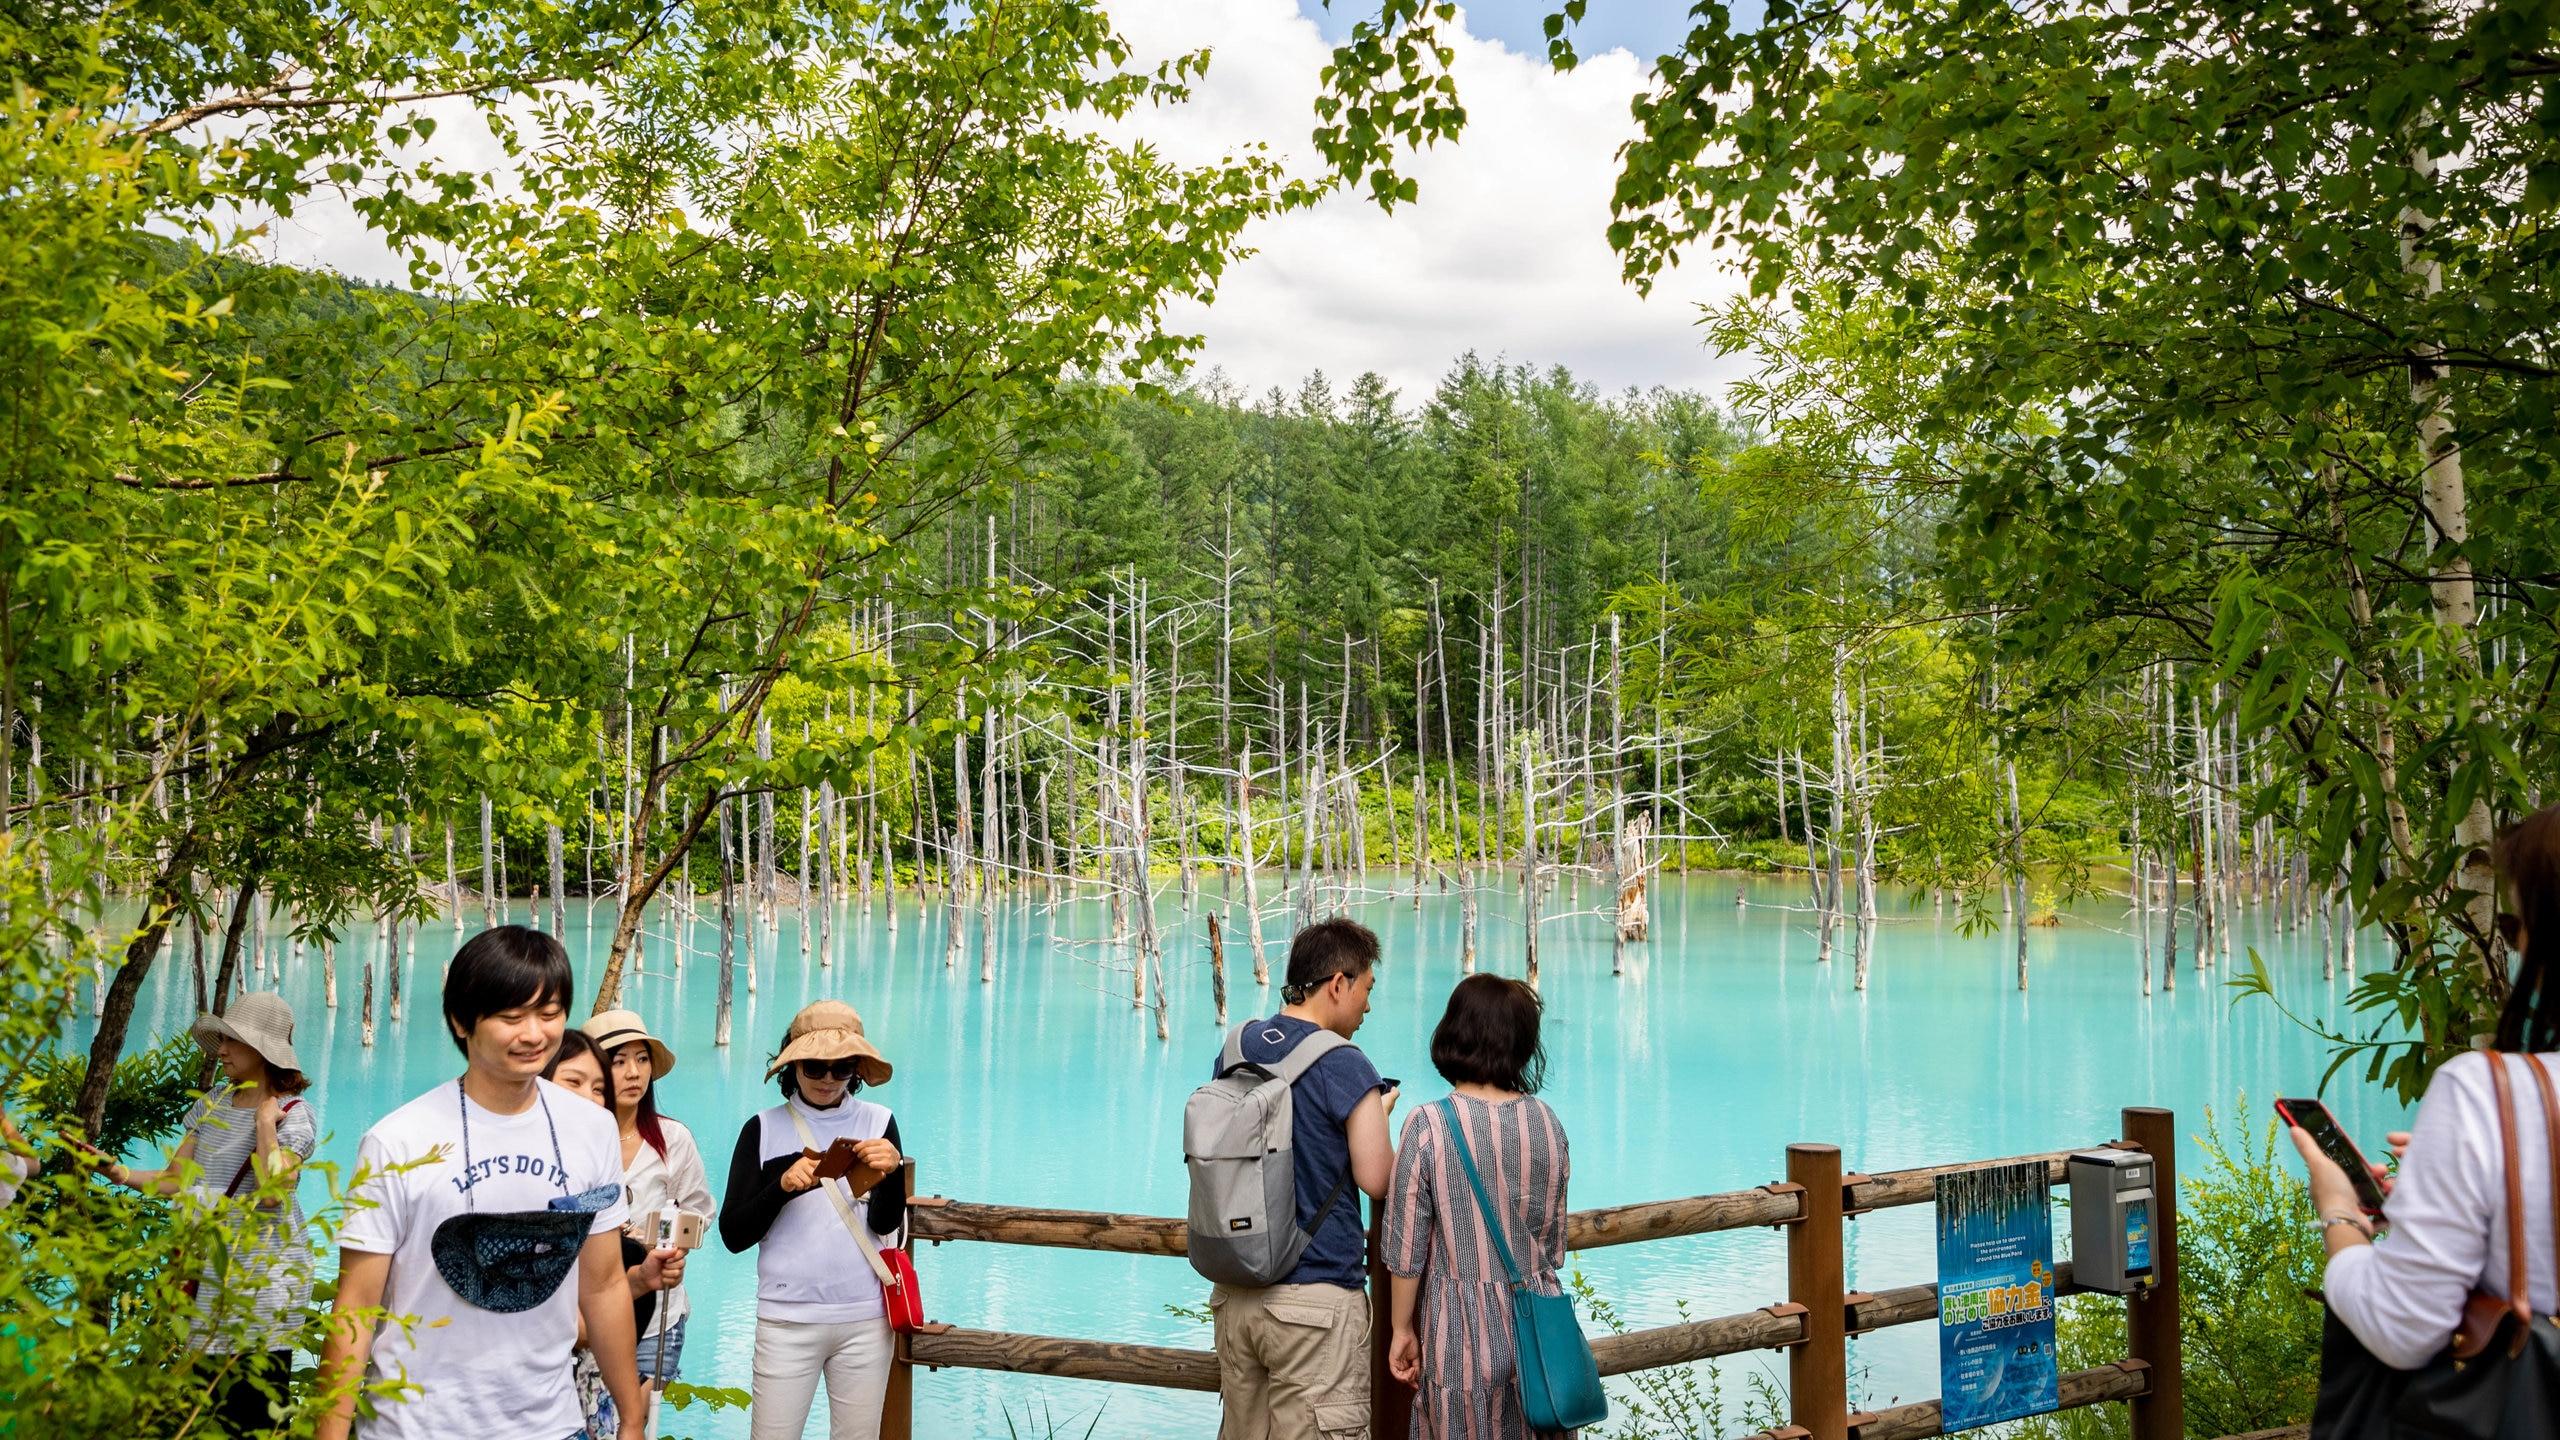 Blue Pond, Biei, Hokkaido Prefecture, Japan